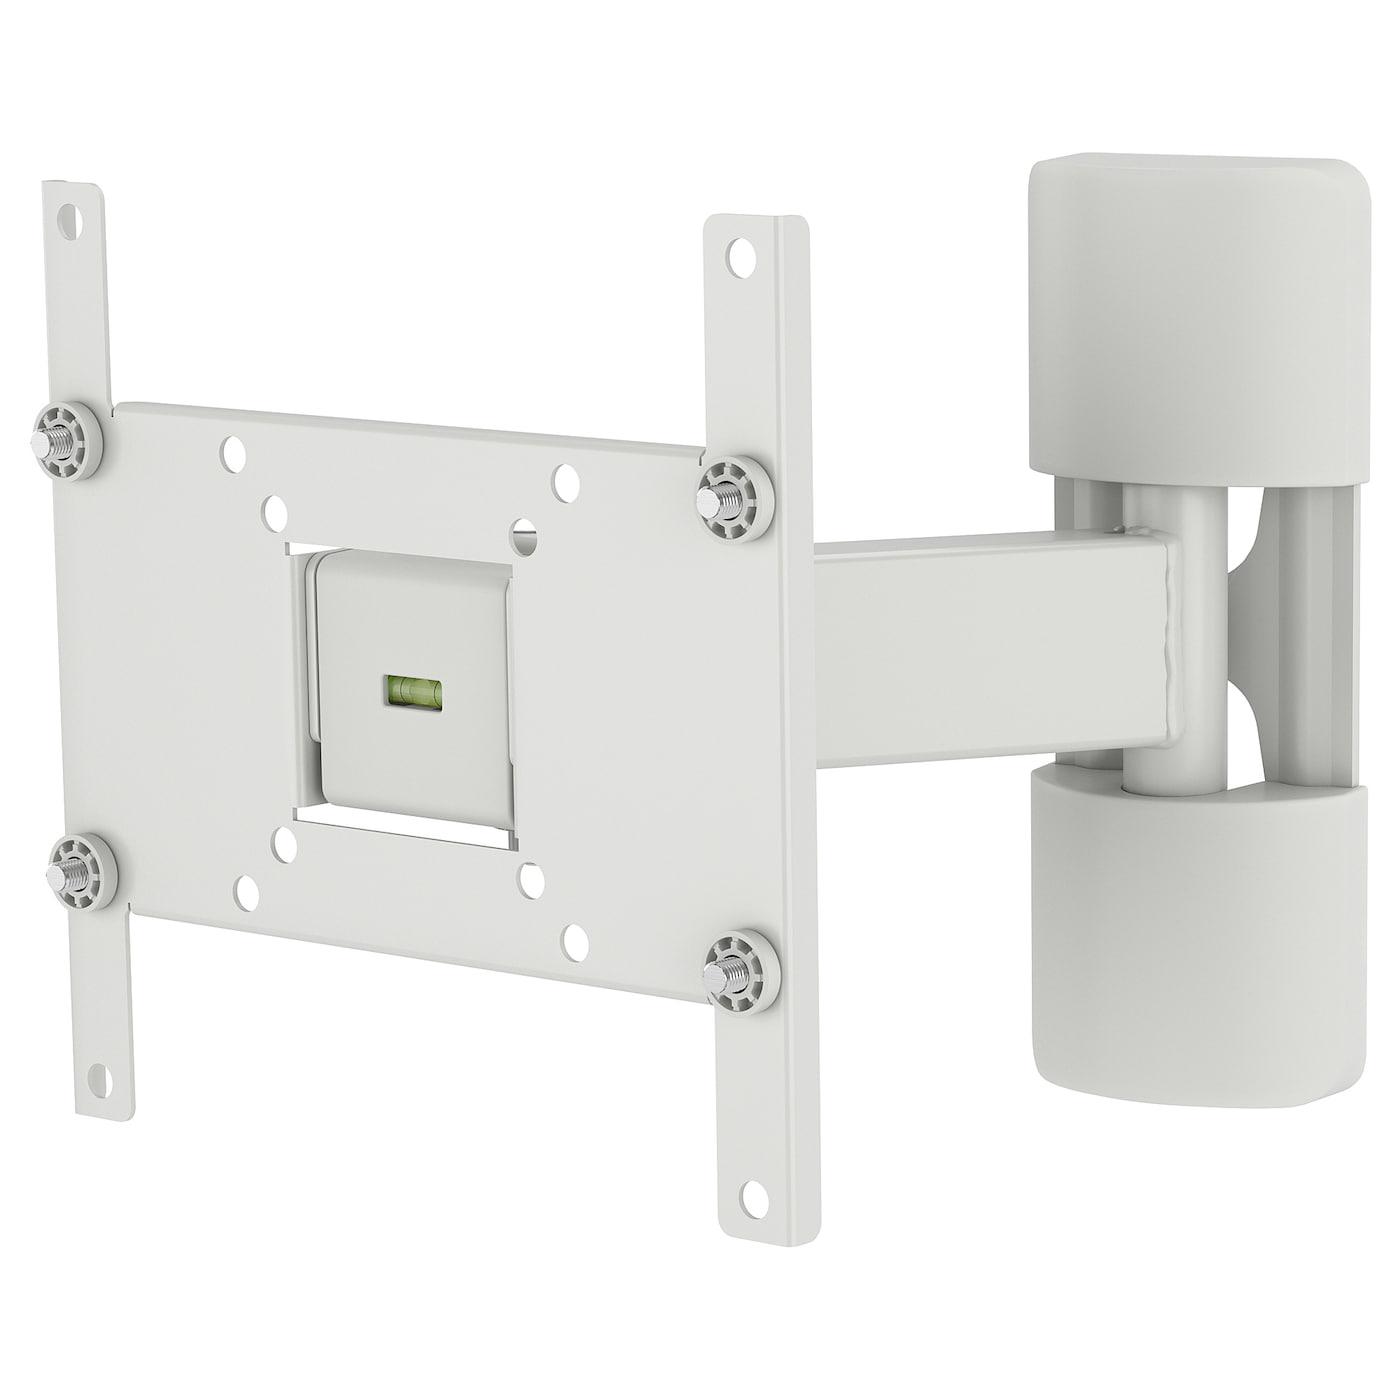 Nett Ikea Küchenschrank Größentabelle Zeitgenössisch - Küchenschrank ...